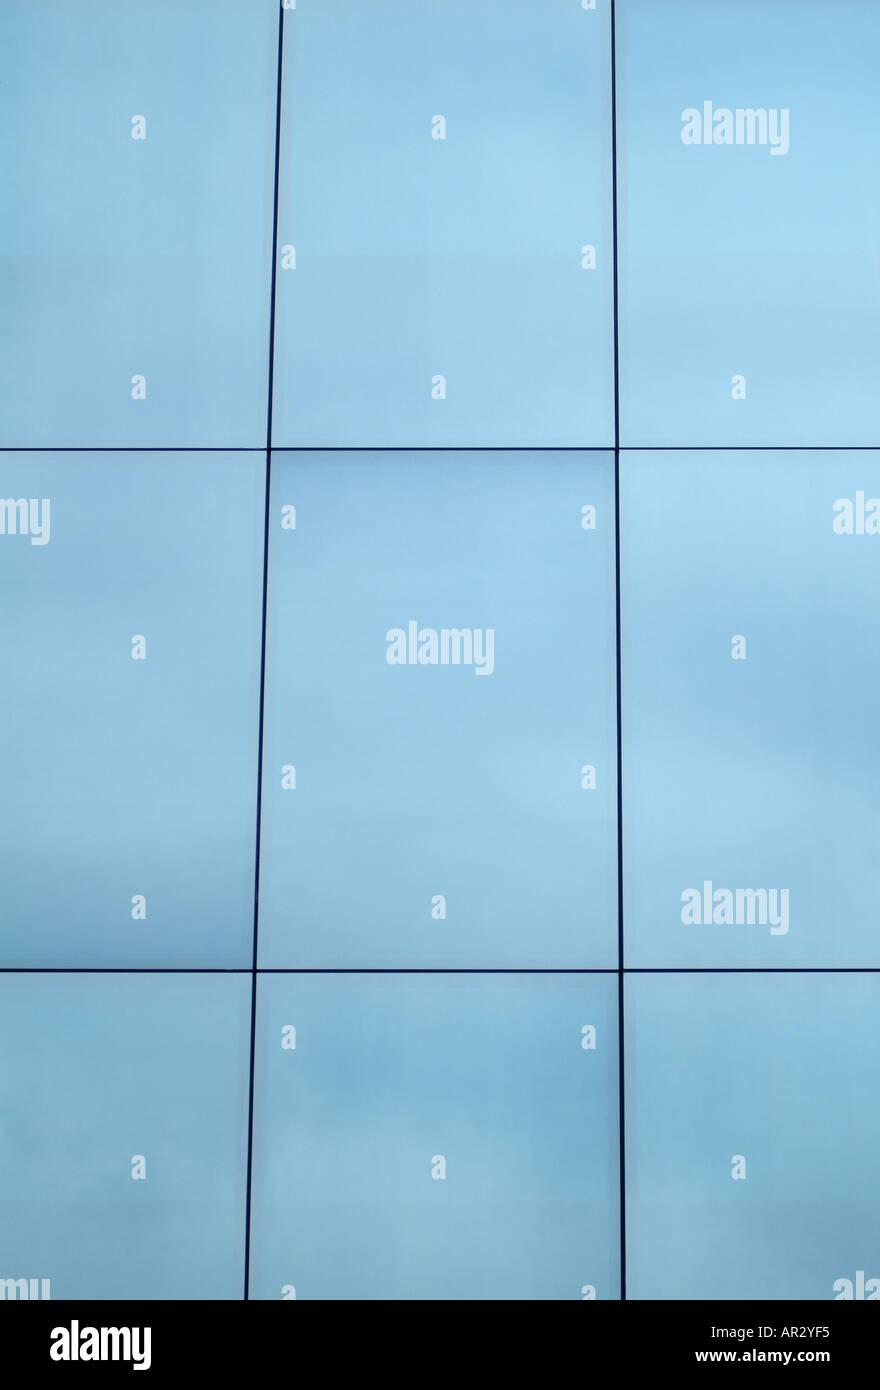 Verspiegeltes Glasfenster eines Bürogebäudes, hautnah Stockfoto ...